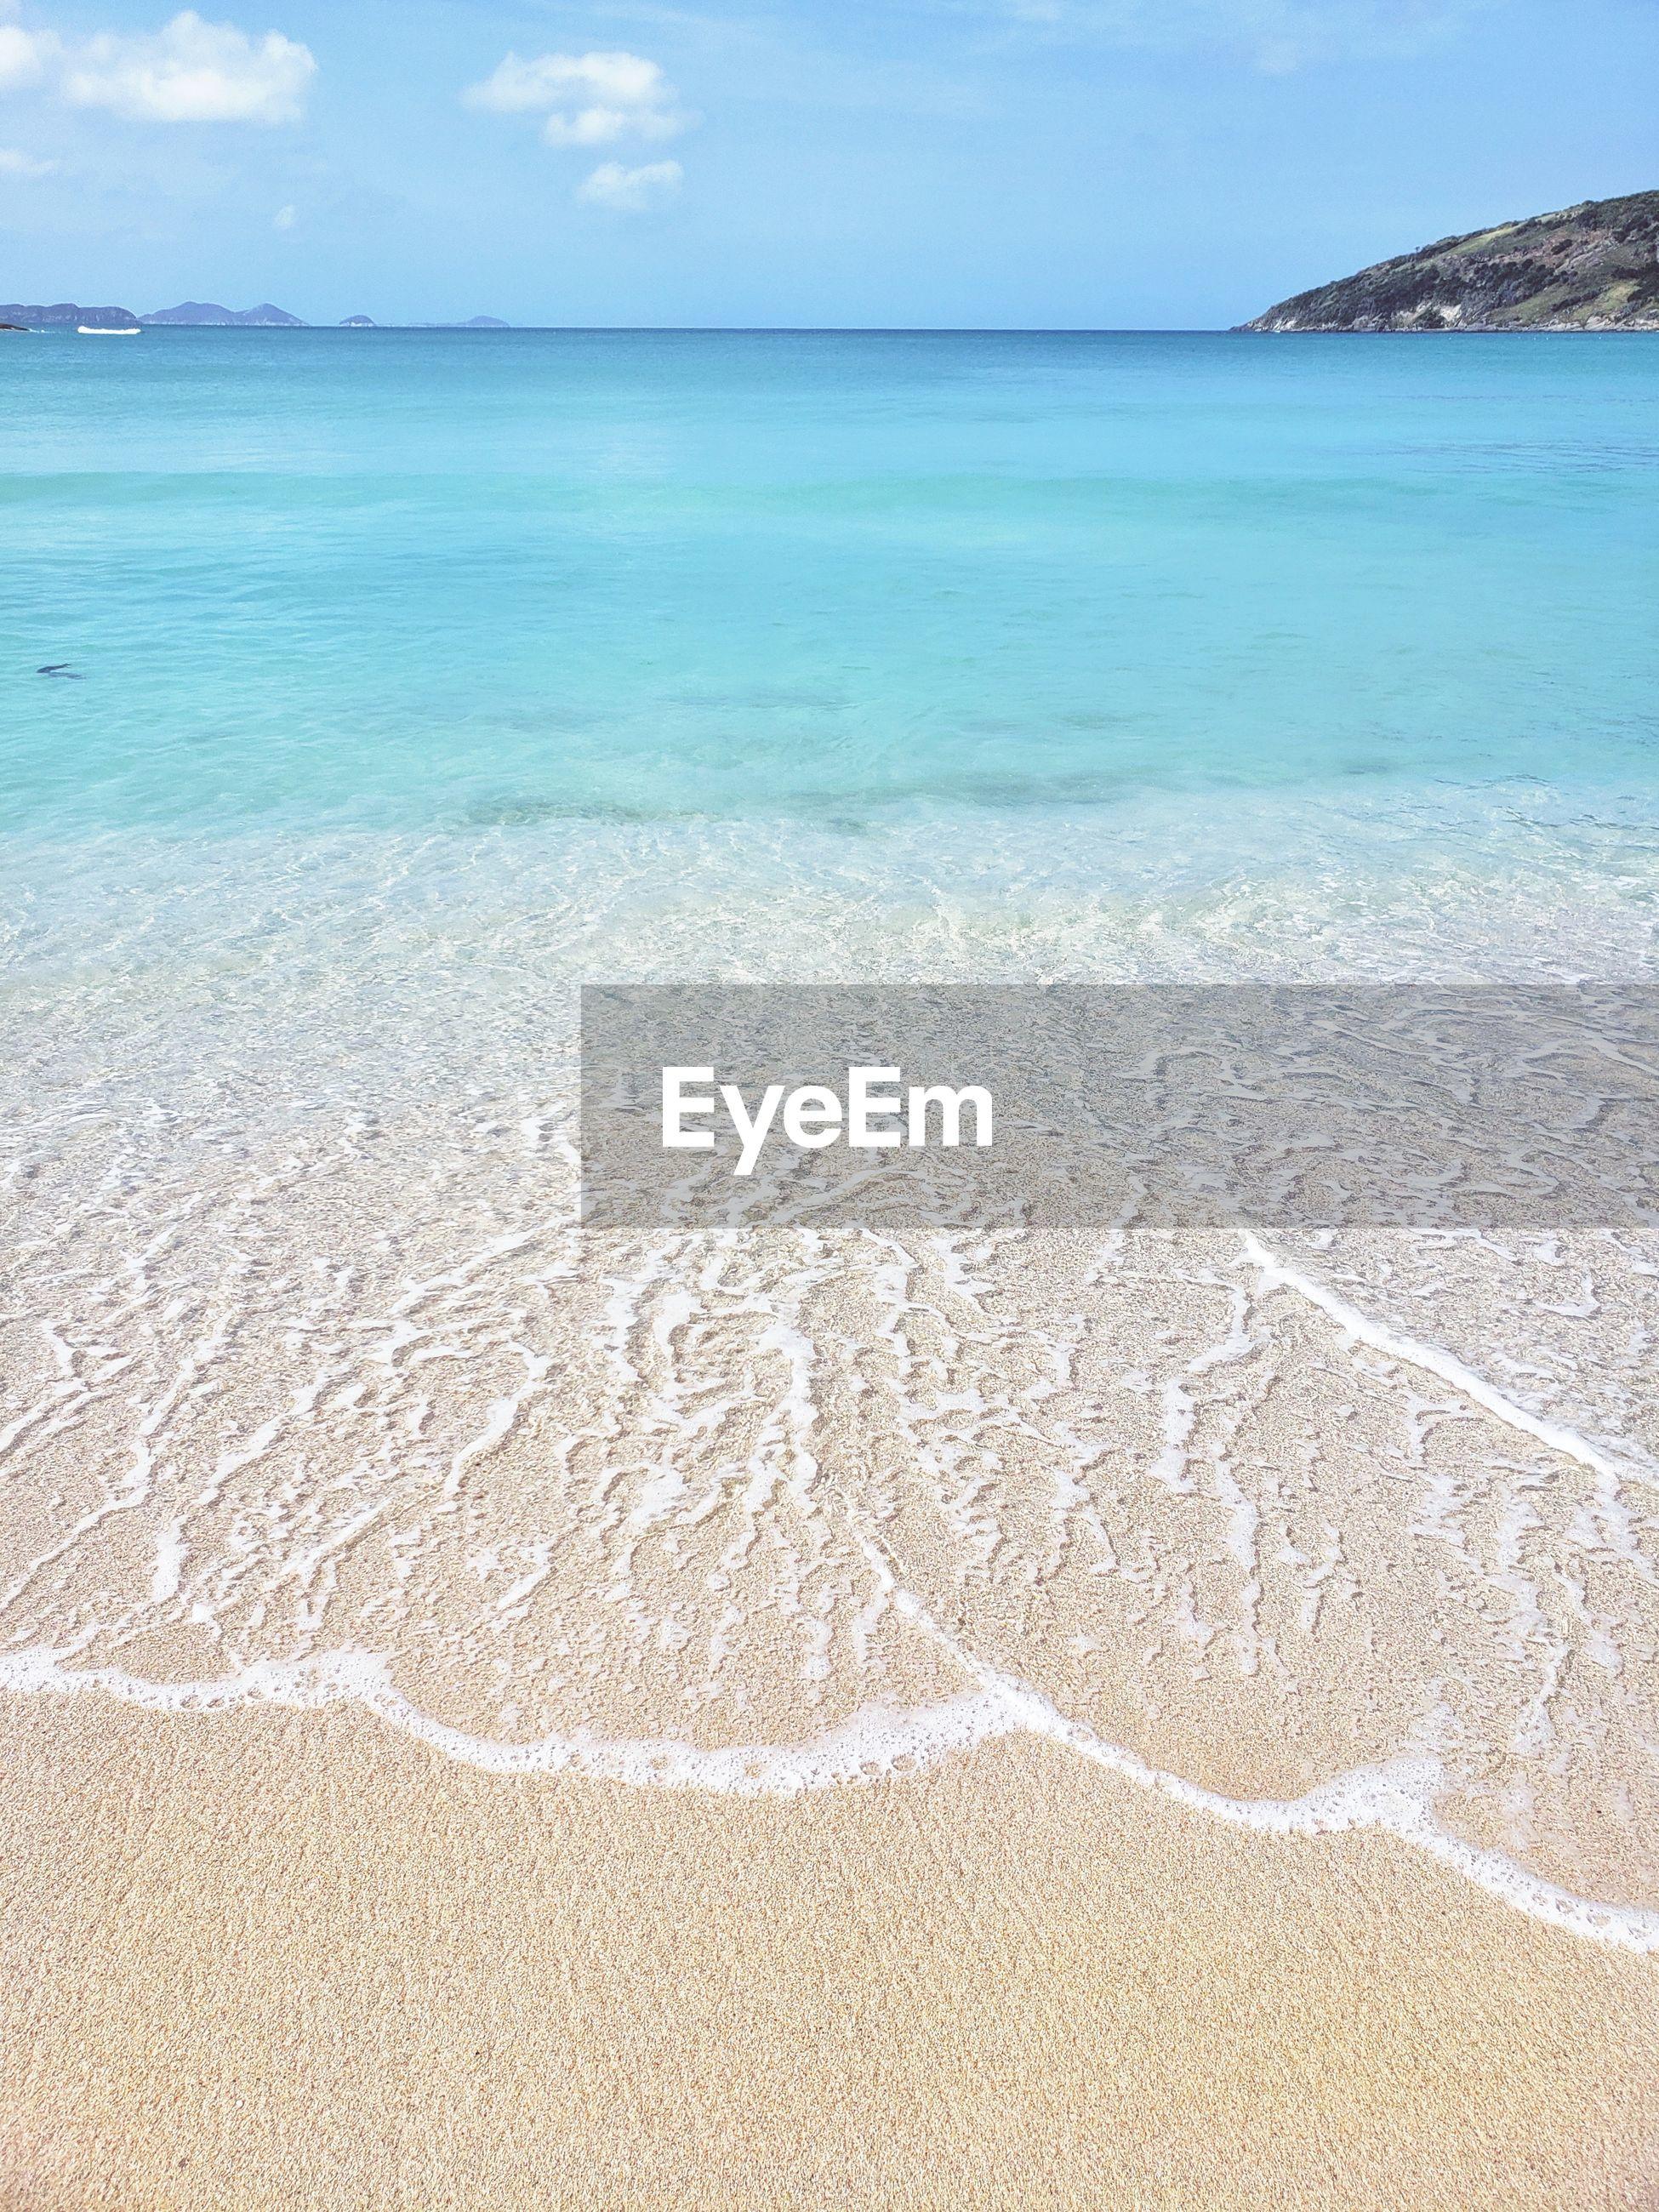 SCENIC VIEW OF BEACH